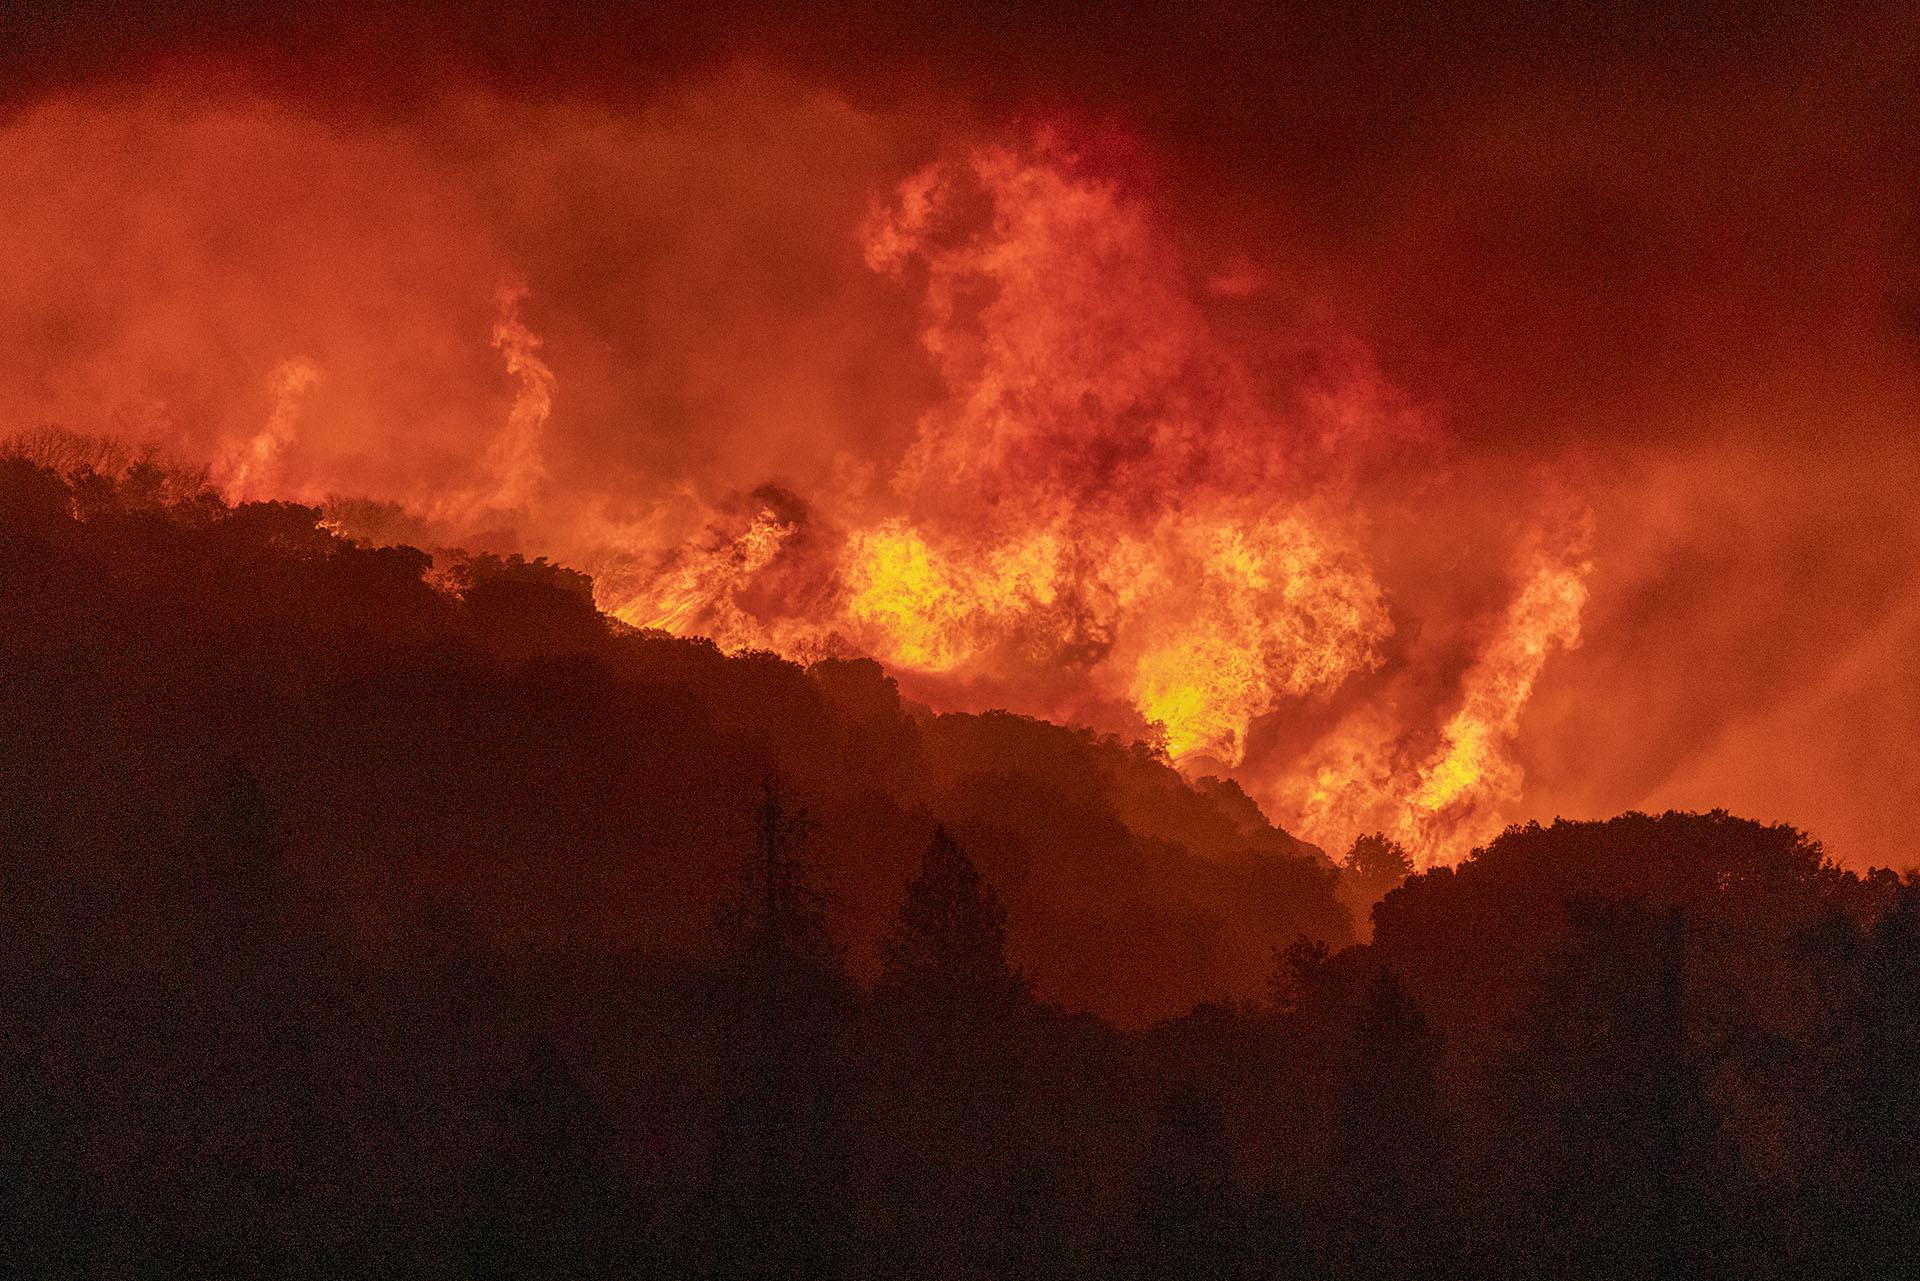 """La región ha visto muchos incendios importantes en los últimos años, pero el supervisor forestal del Bosque Nacional Sierra, Dean Gould, dijo en la sesión informativa del lunes por la noche que el incendio de Creek era probablemente el más agresivo y """"es único en su clase"""". (David McNew/Getty Images/AFP)"""